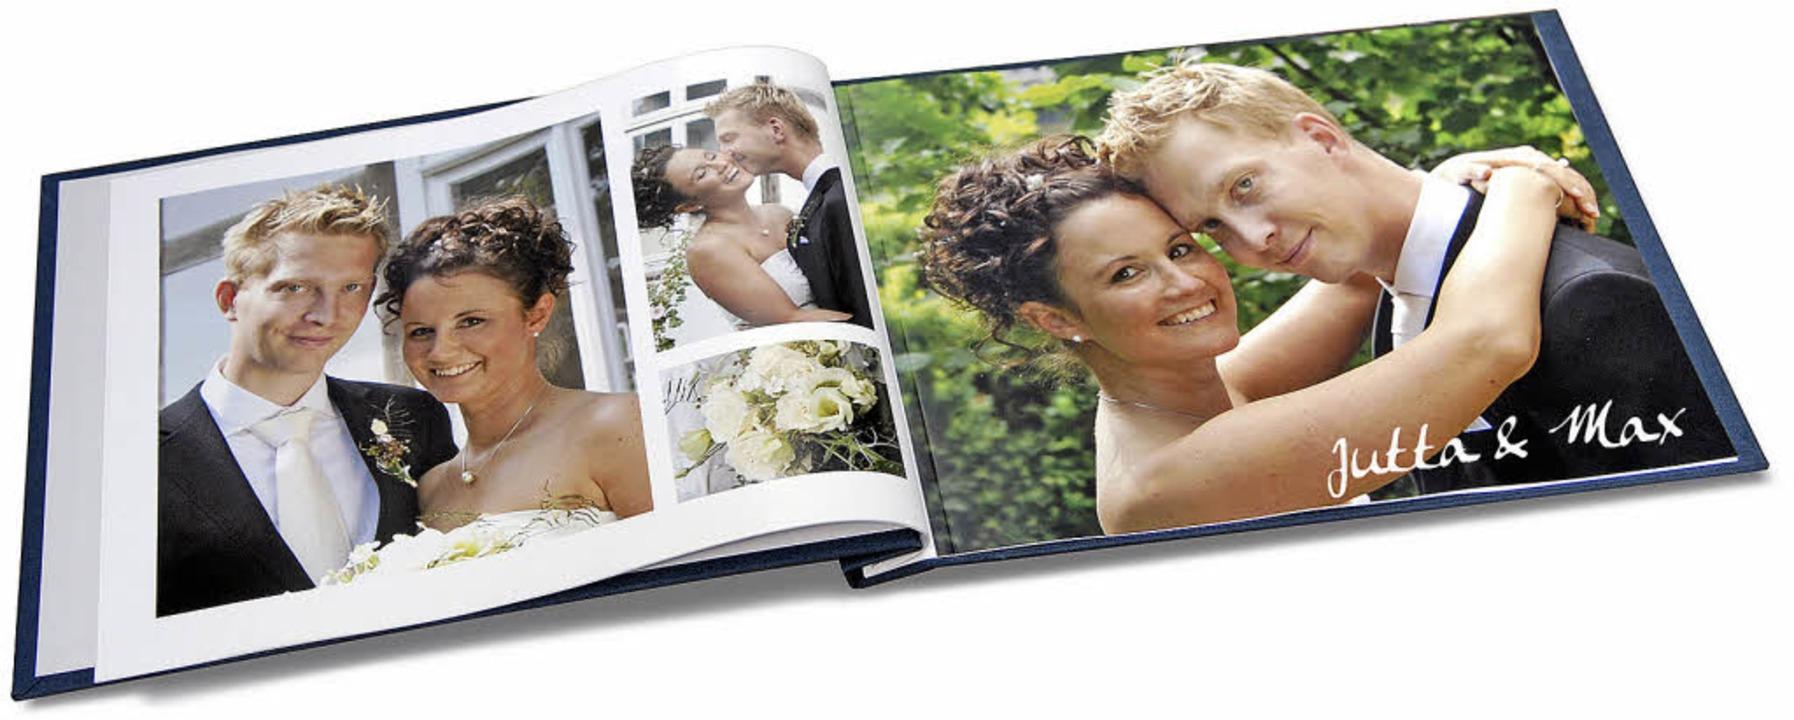 Schöne Momente: per Fotobuch präsentieren   | Foto: gms